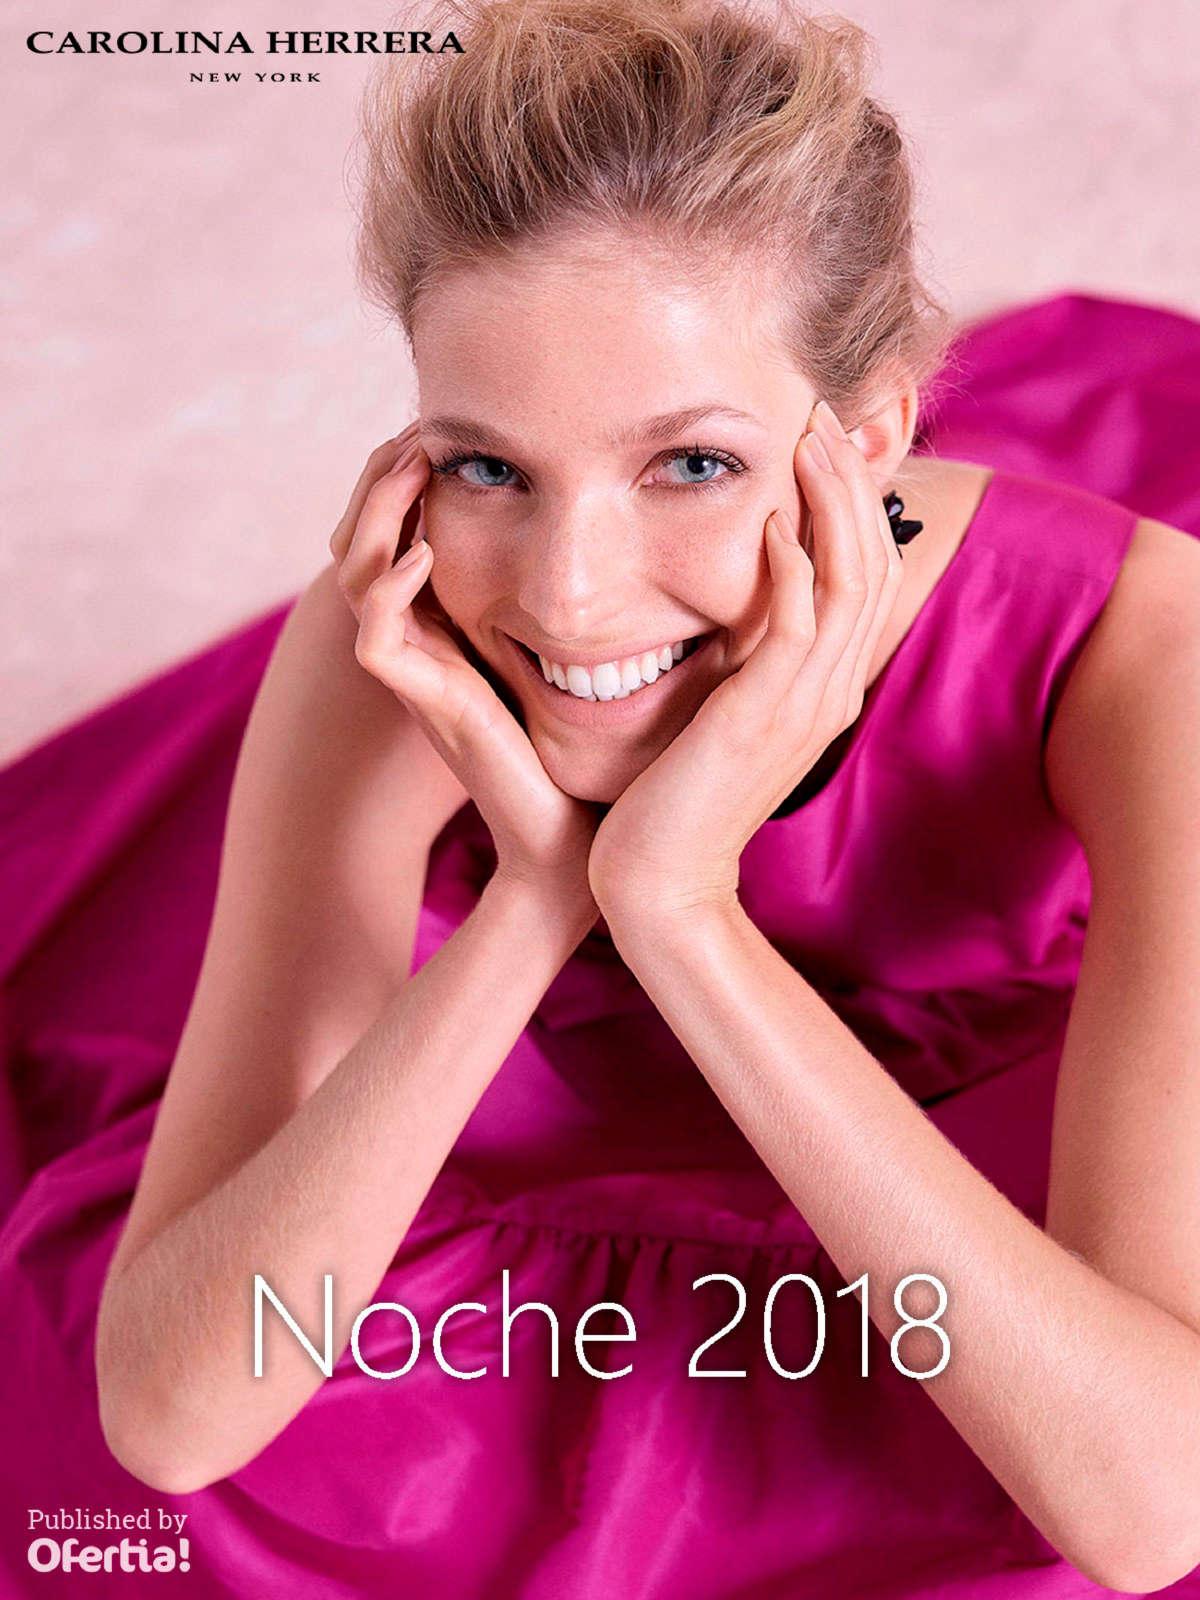 Tiendas Carolina Herrera - Horarios, teléfonos y direcciones - Ofertia